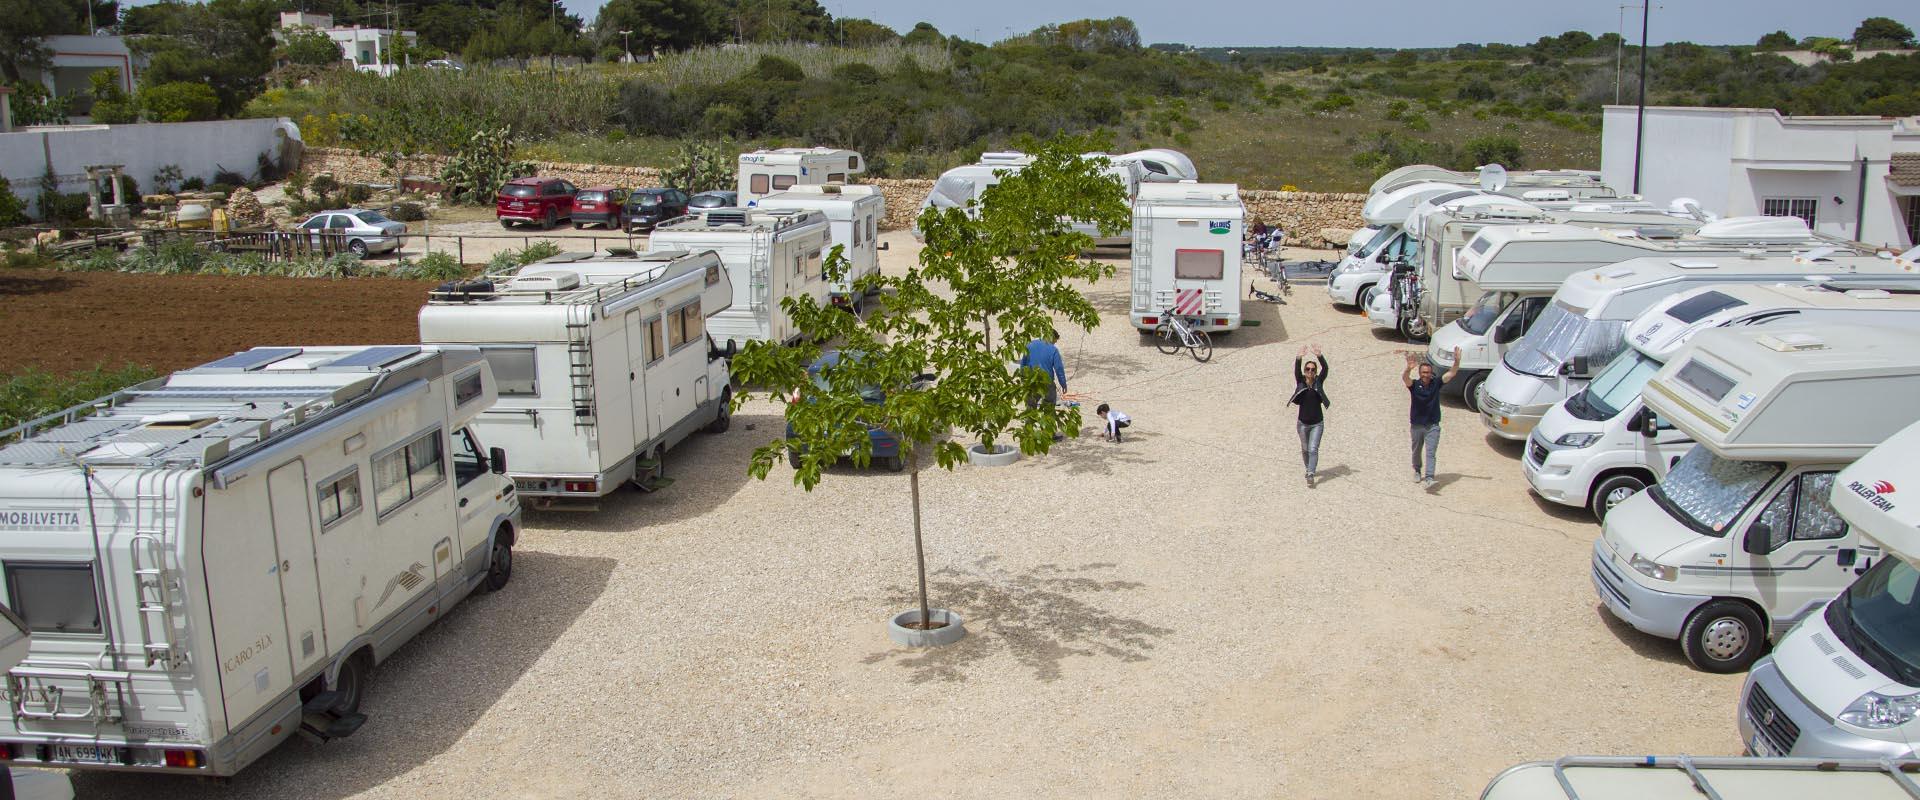 La Specchia - Area sosta attrezzata - Salento - Puglia - Taranto - Manduria - San Pietro in Bevagna